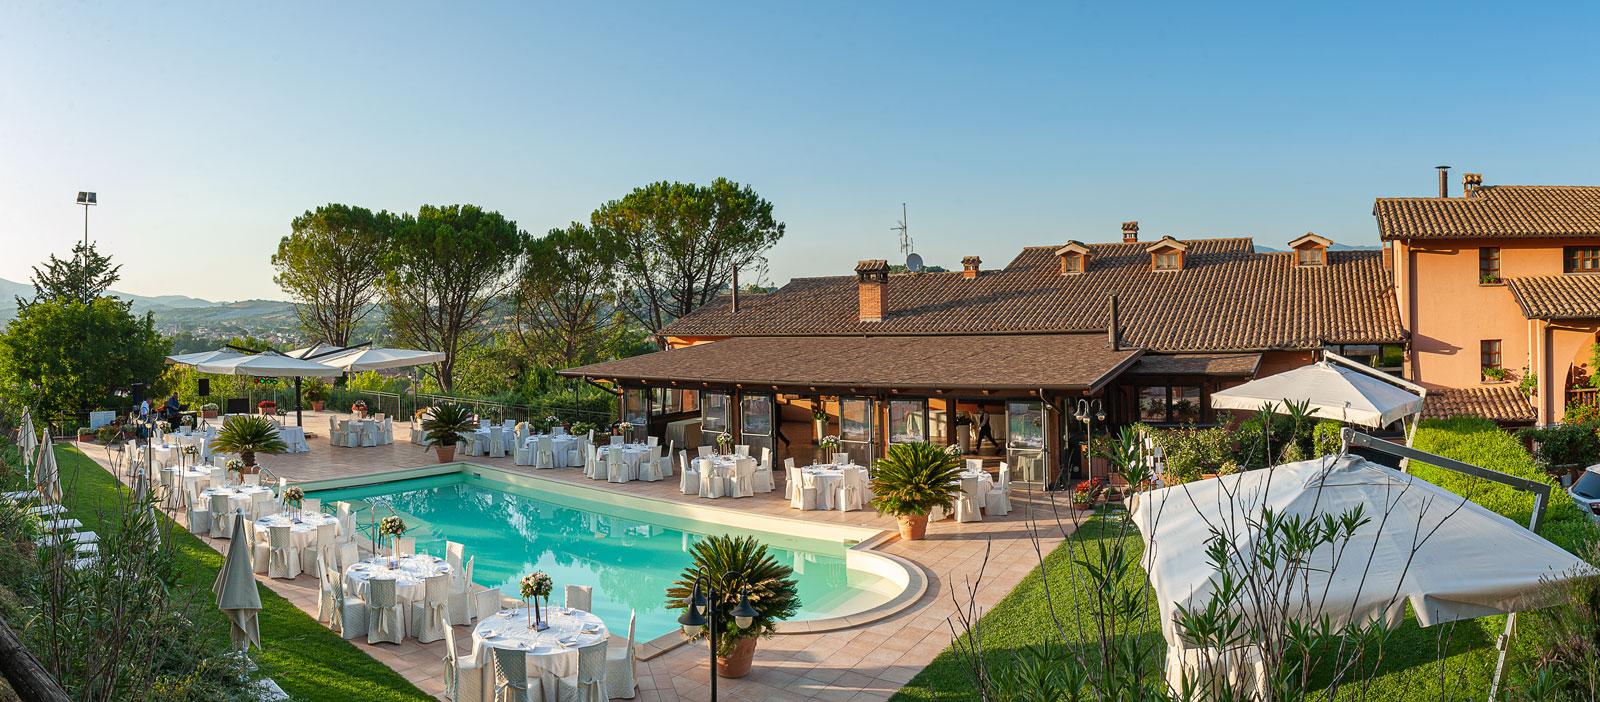 la-fattoria-spoleto-ristorante-pizzeria-albergo-piscina-esterna-evento-matrimonio-spoleto-panoramica-pomeriggio